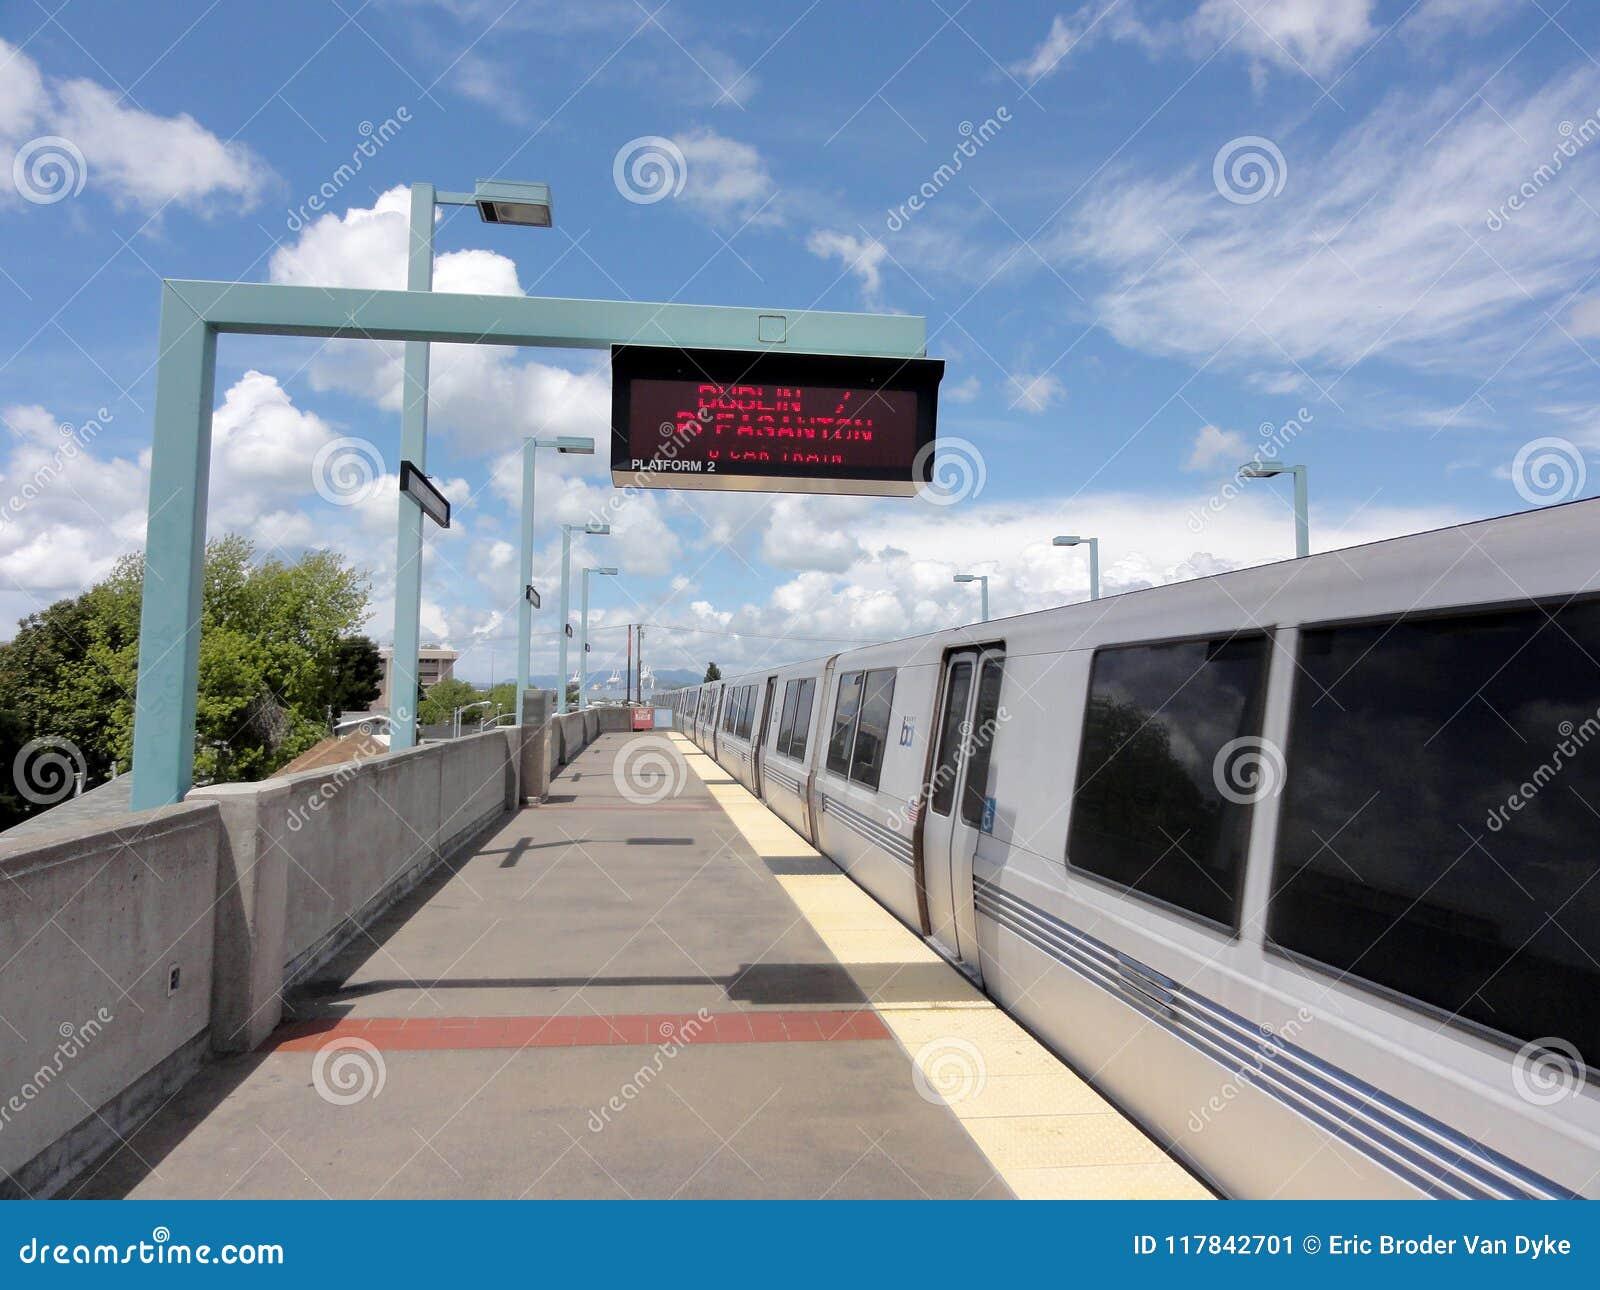 Treineinden in West-Oakland BART Station